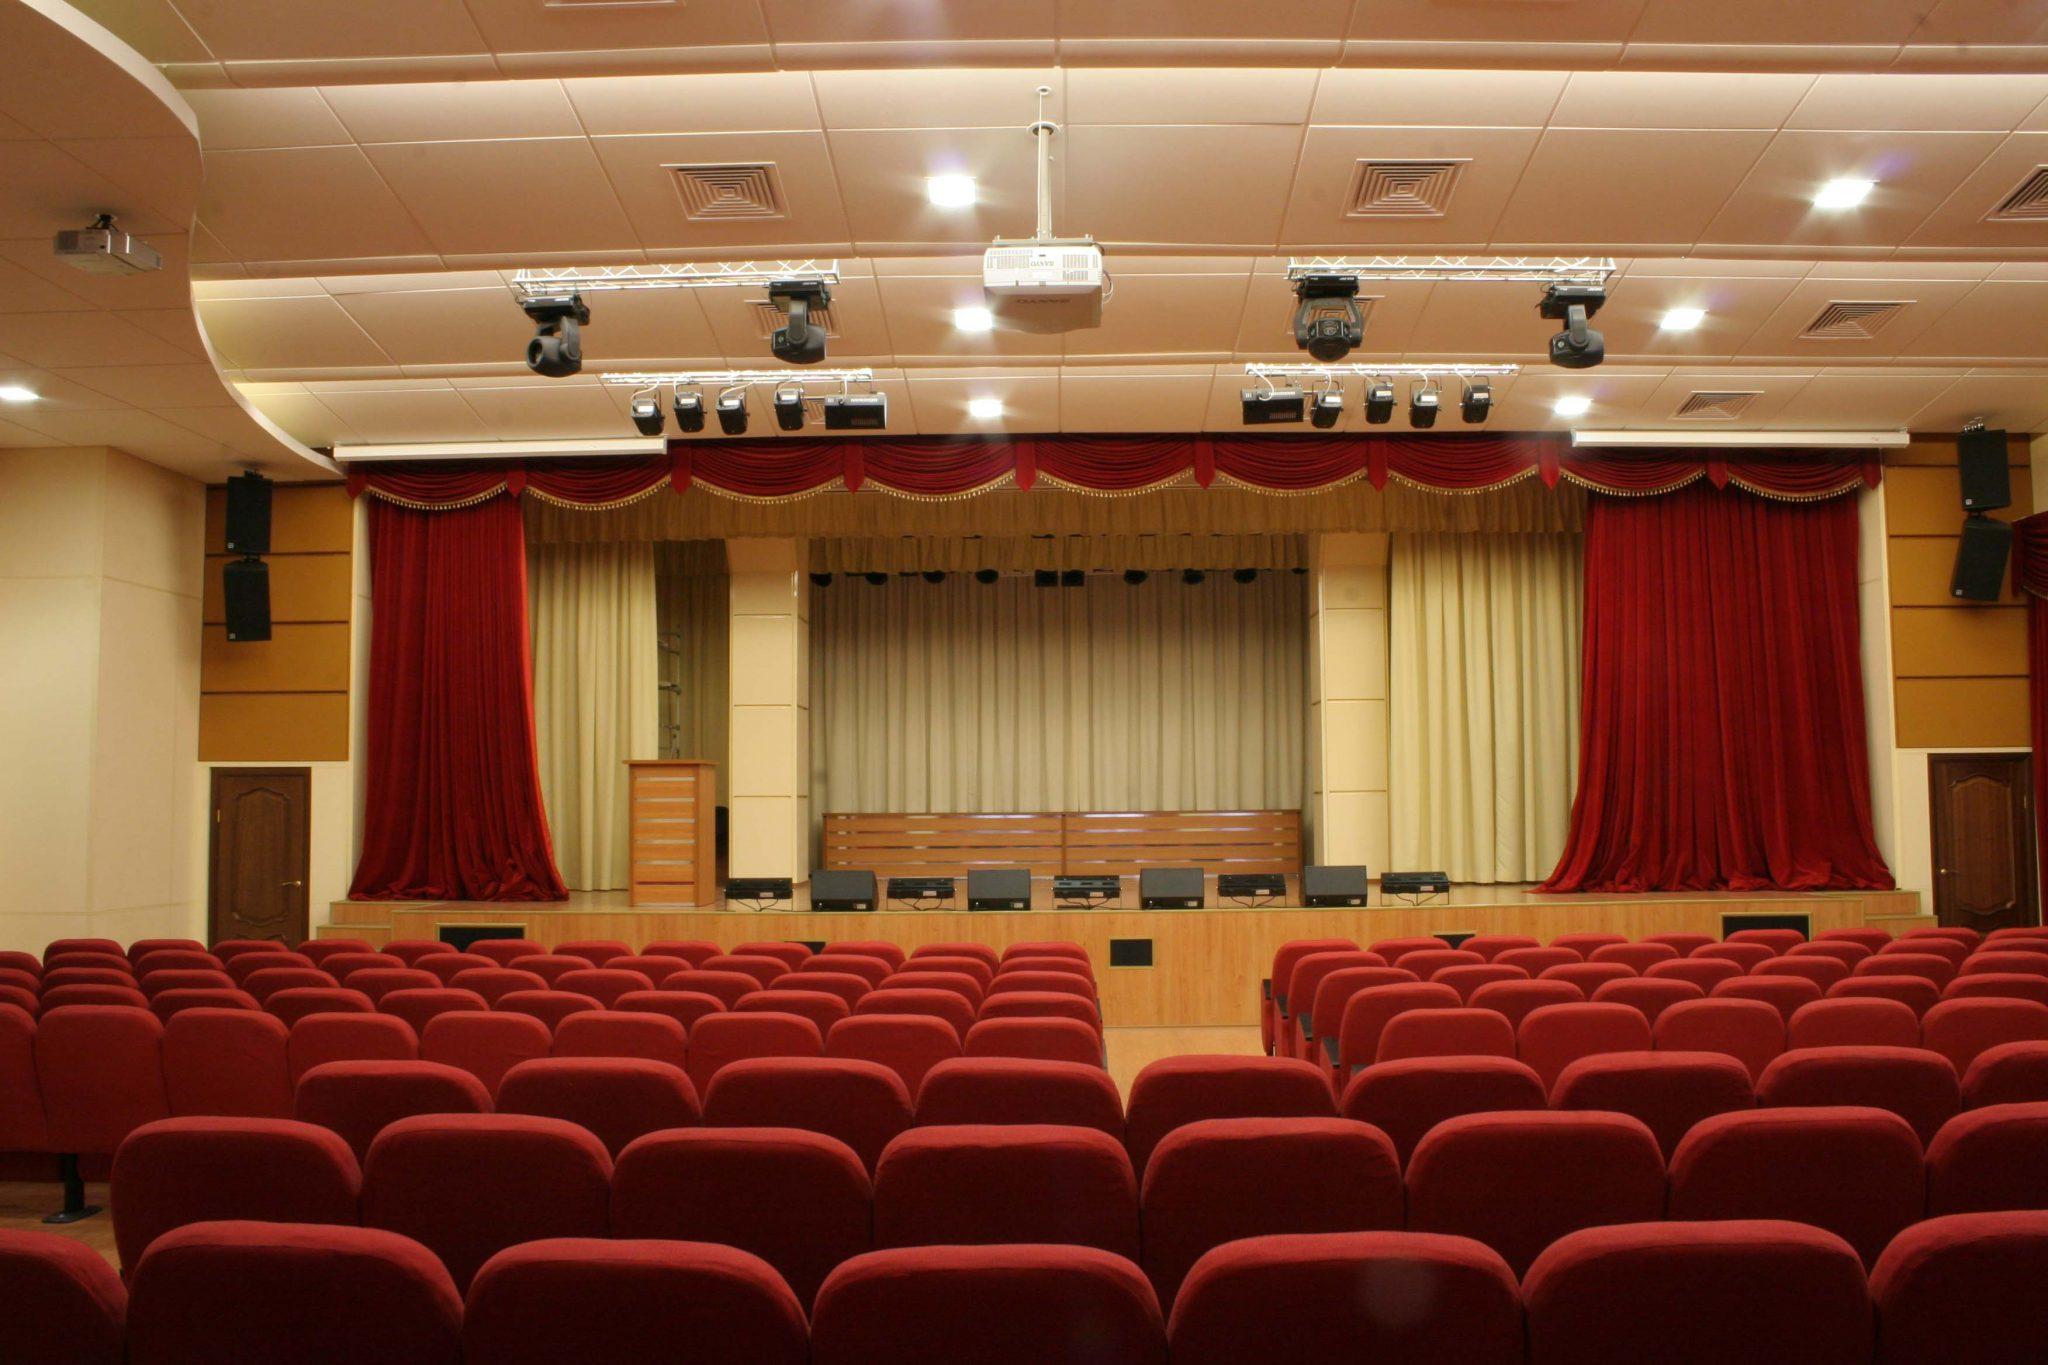 Фото реализованного интерьера конференц зала